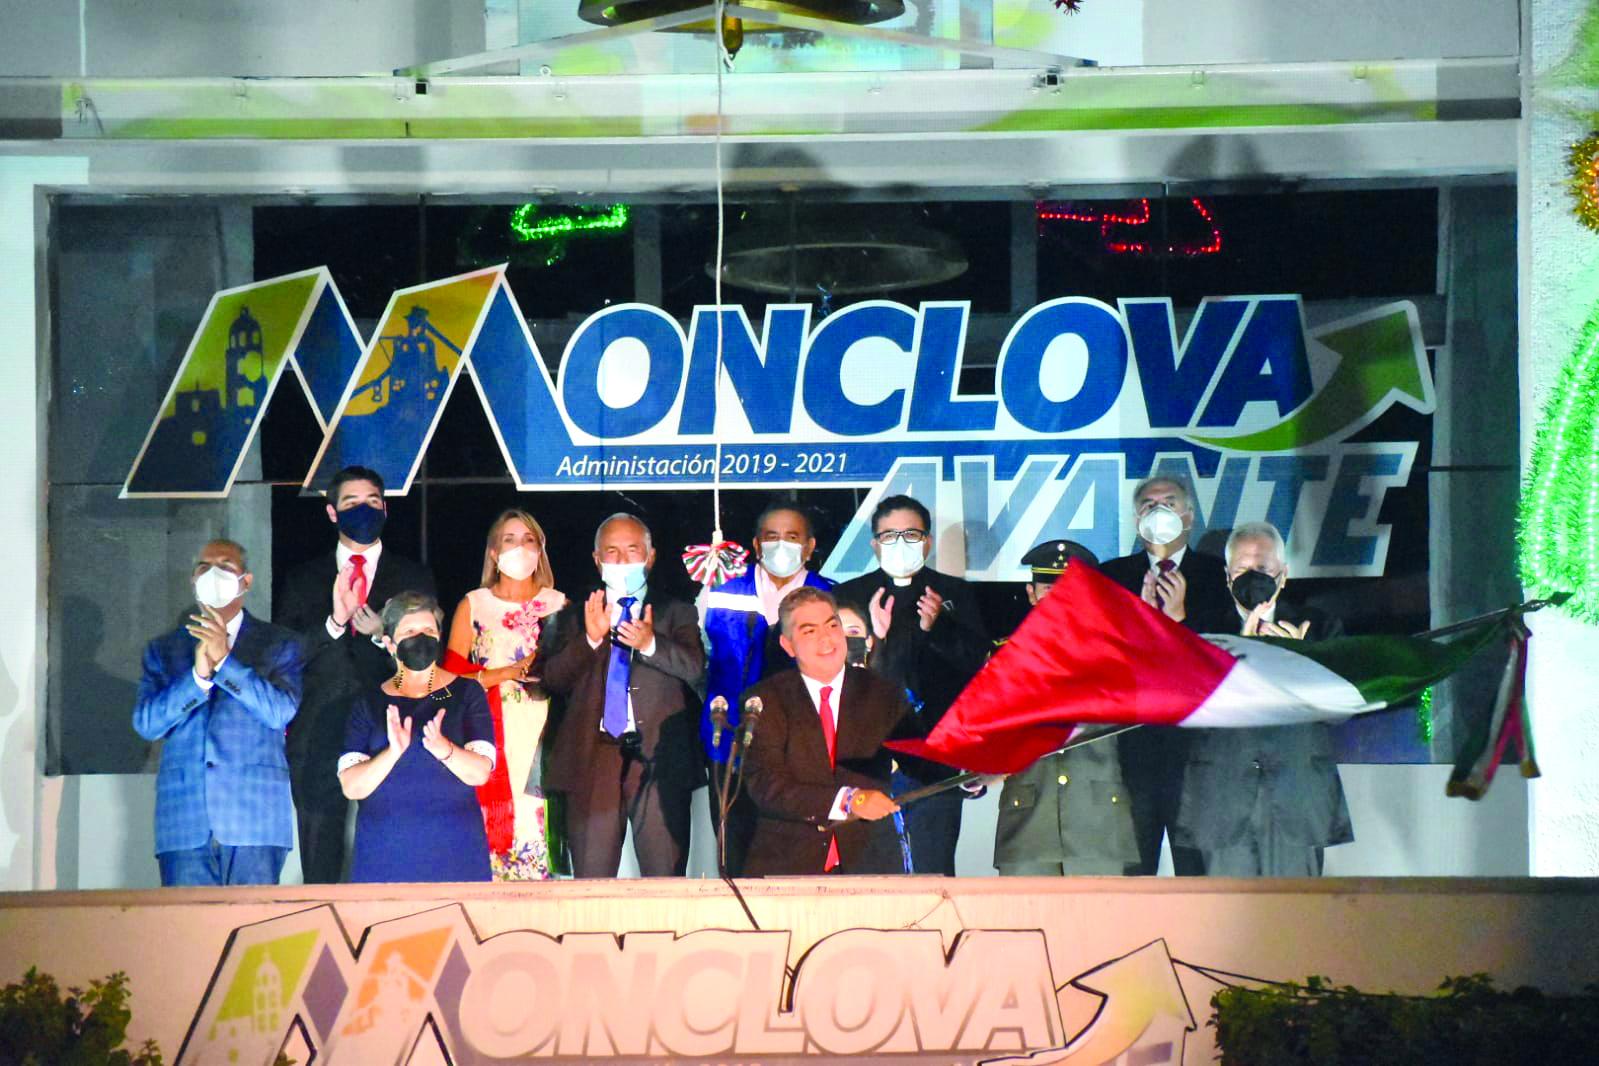 Alcalde de Monclova grita por la Independencia